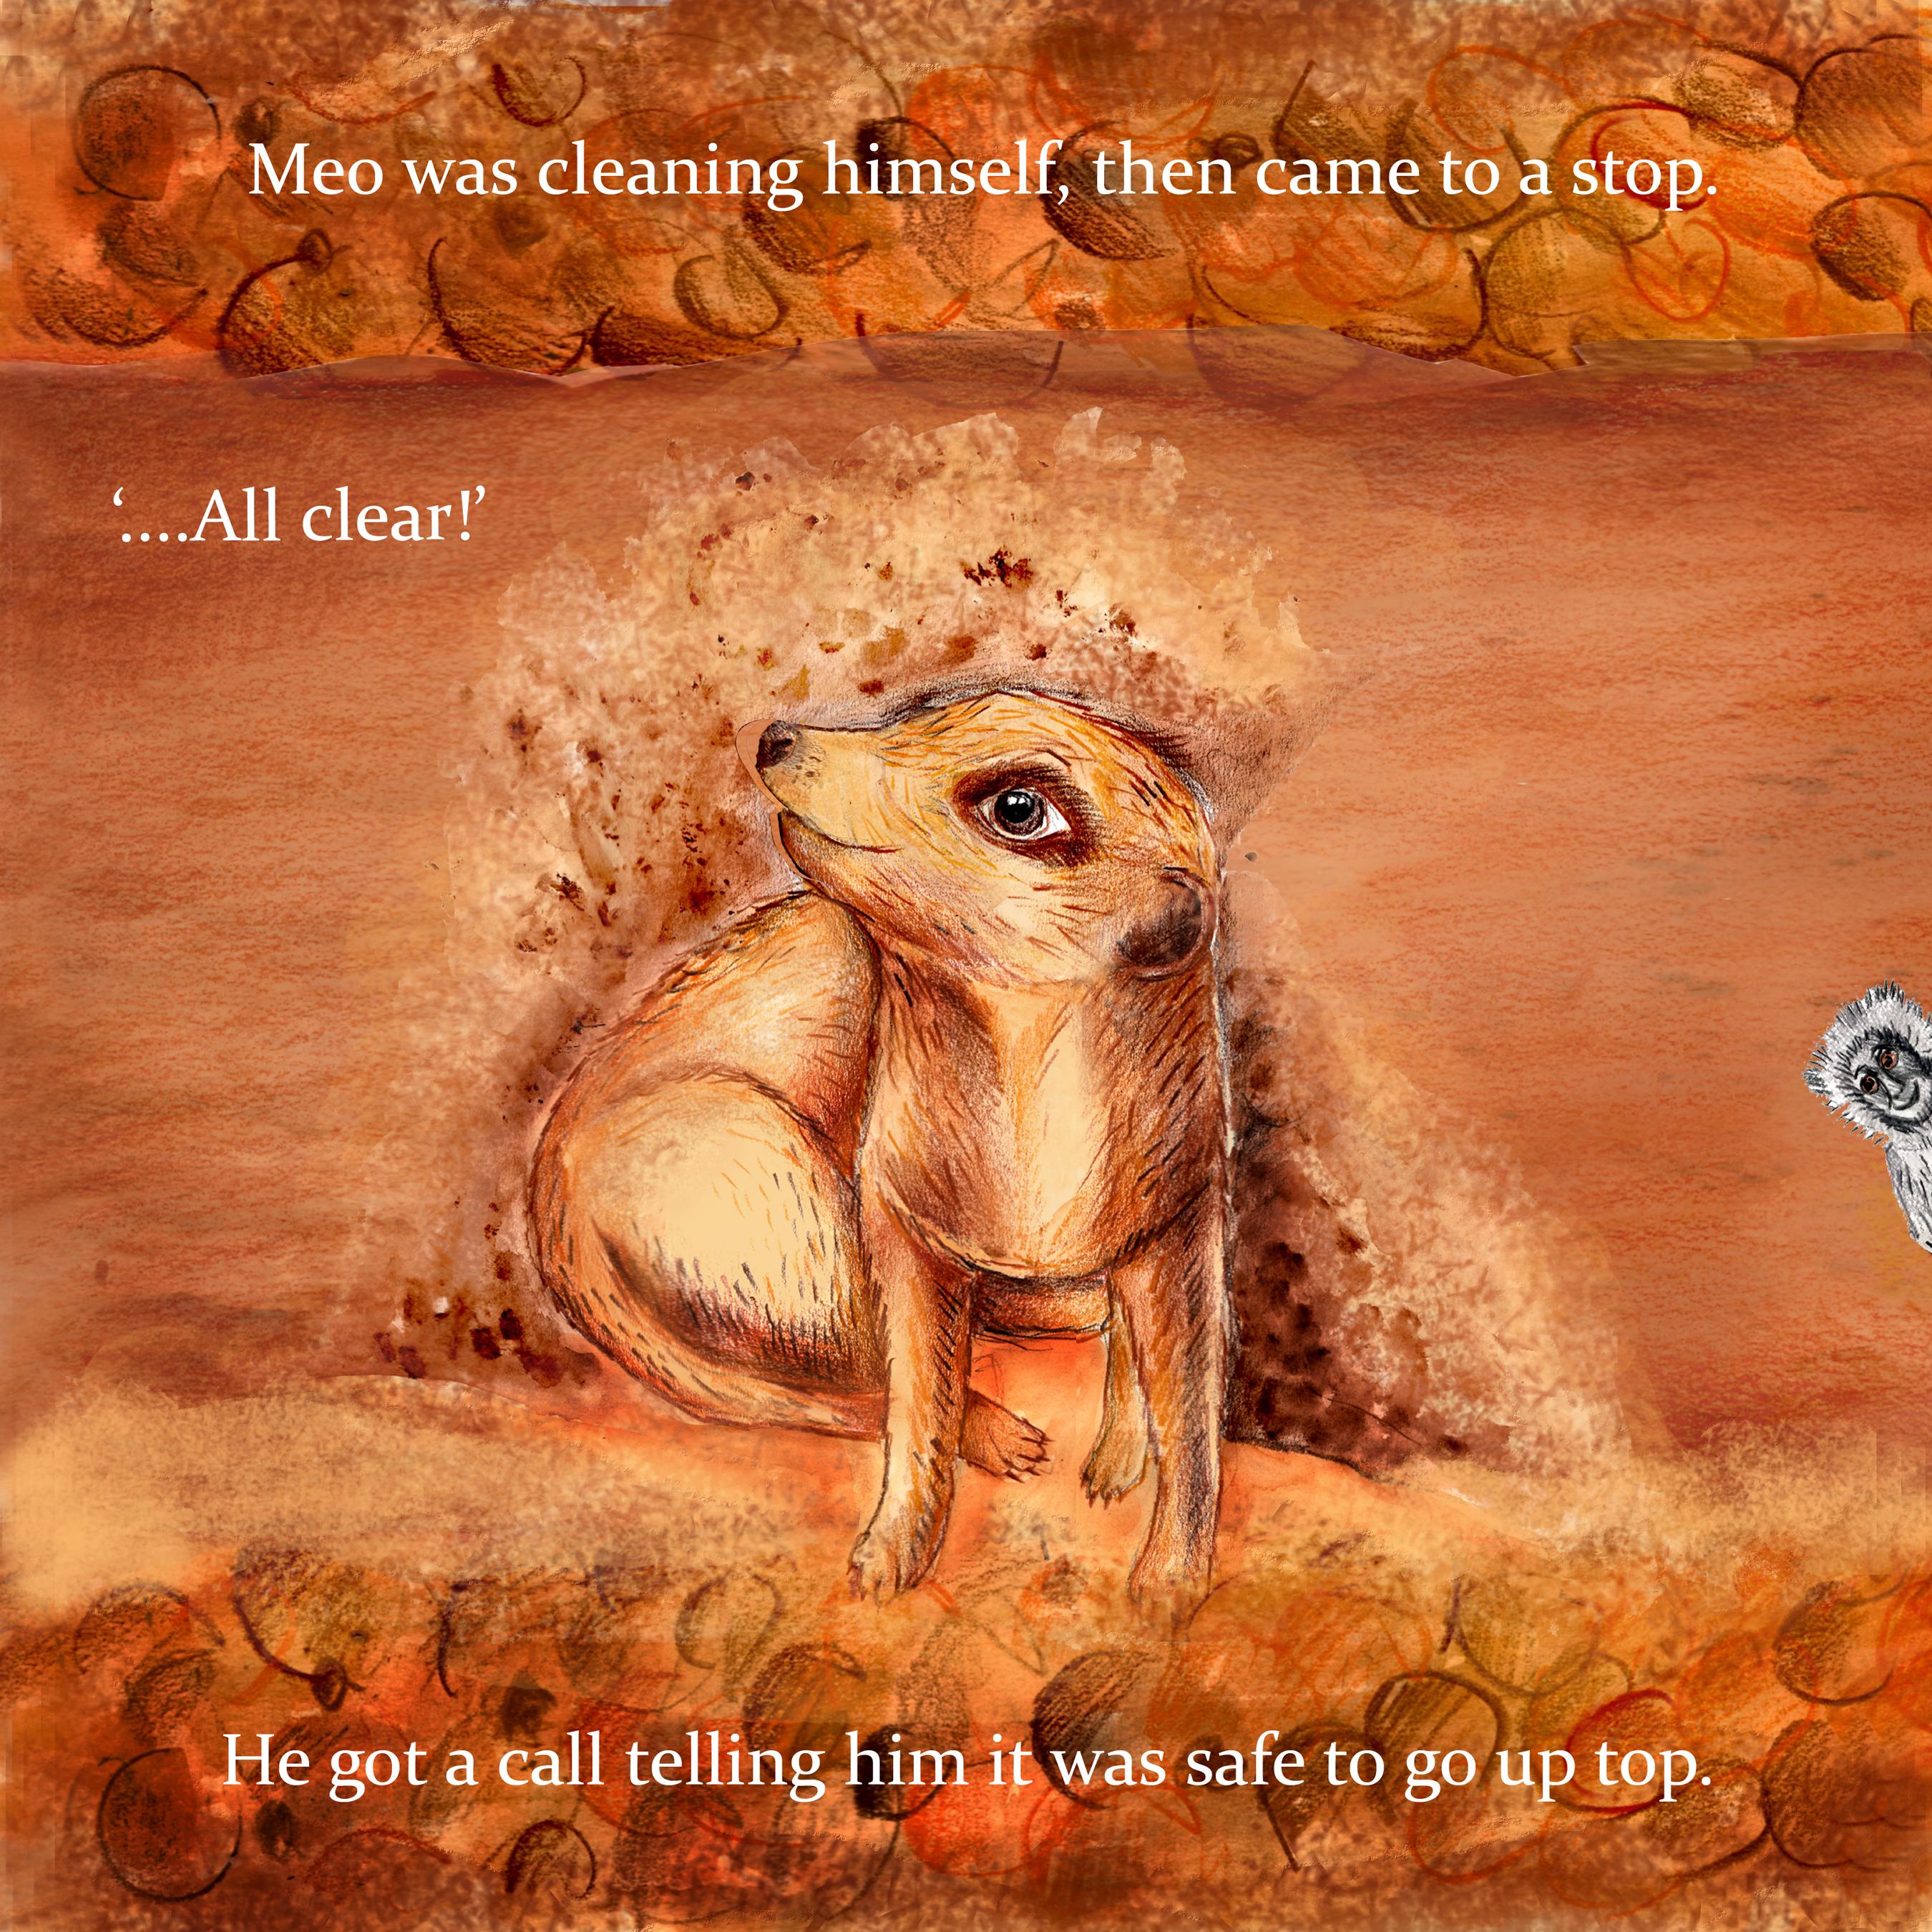 Meo the Meerkat (2016)